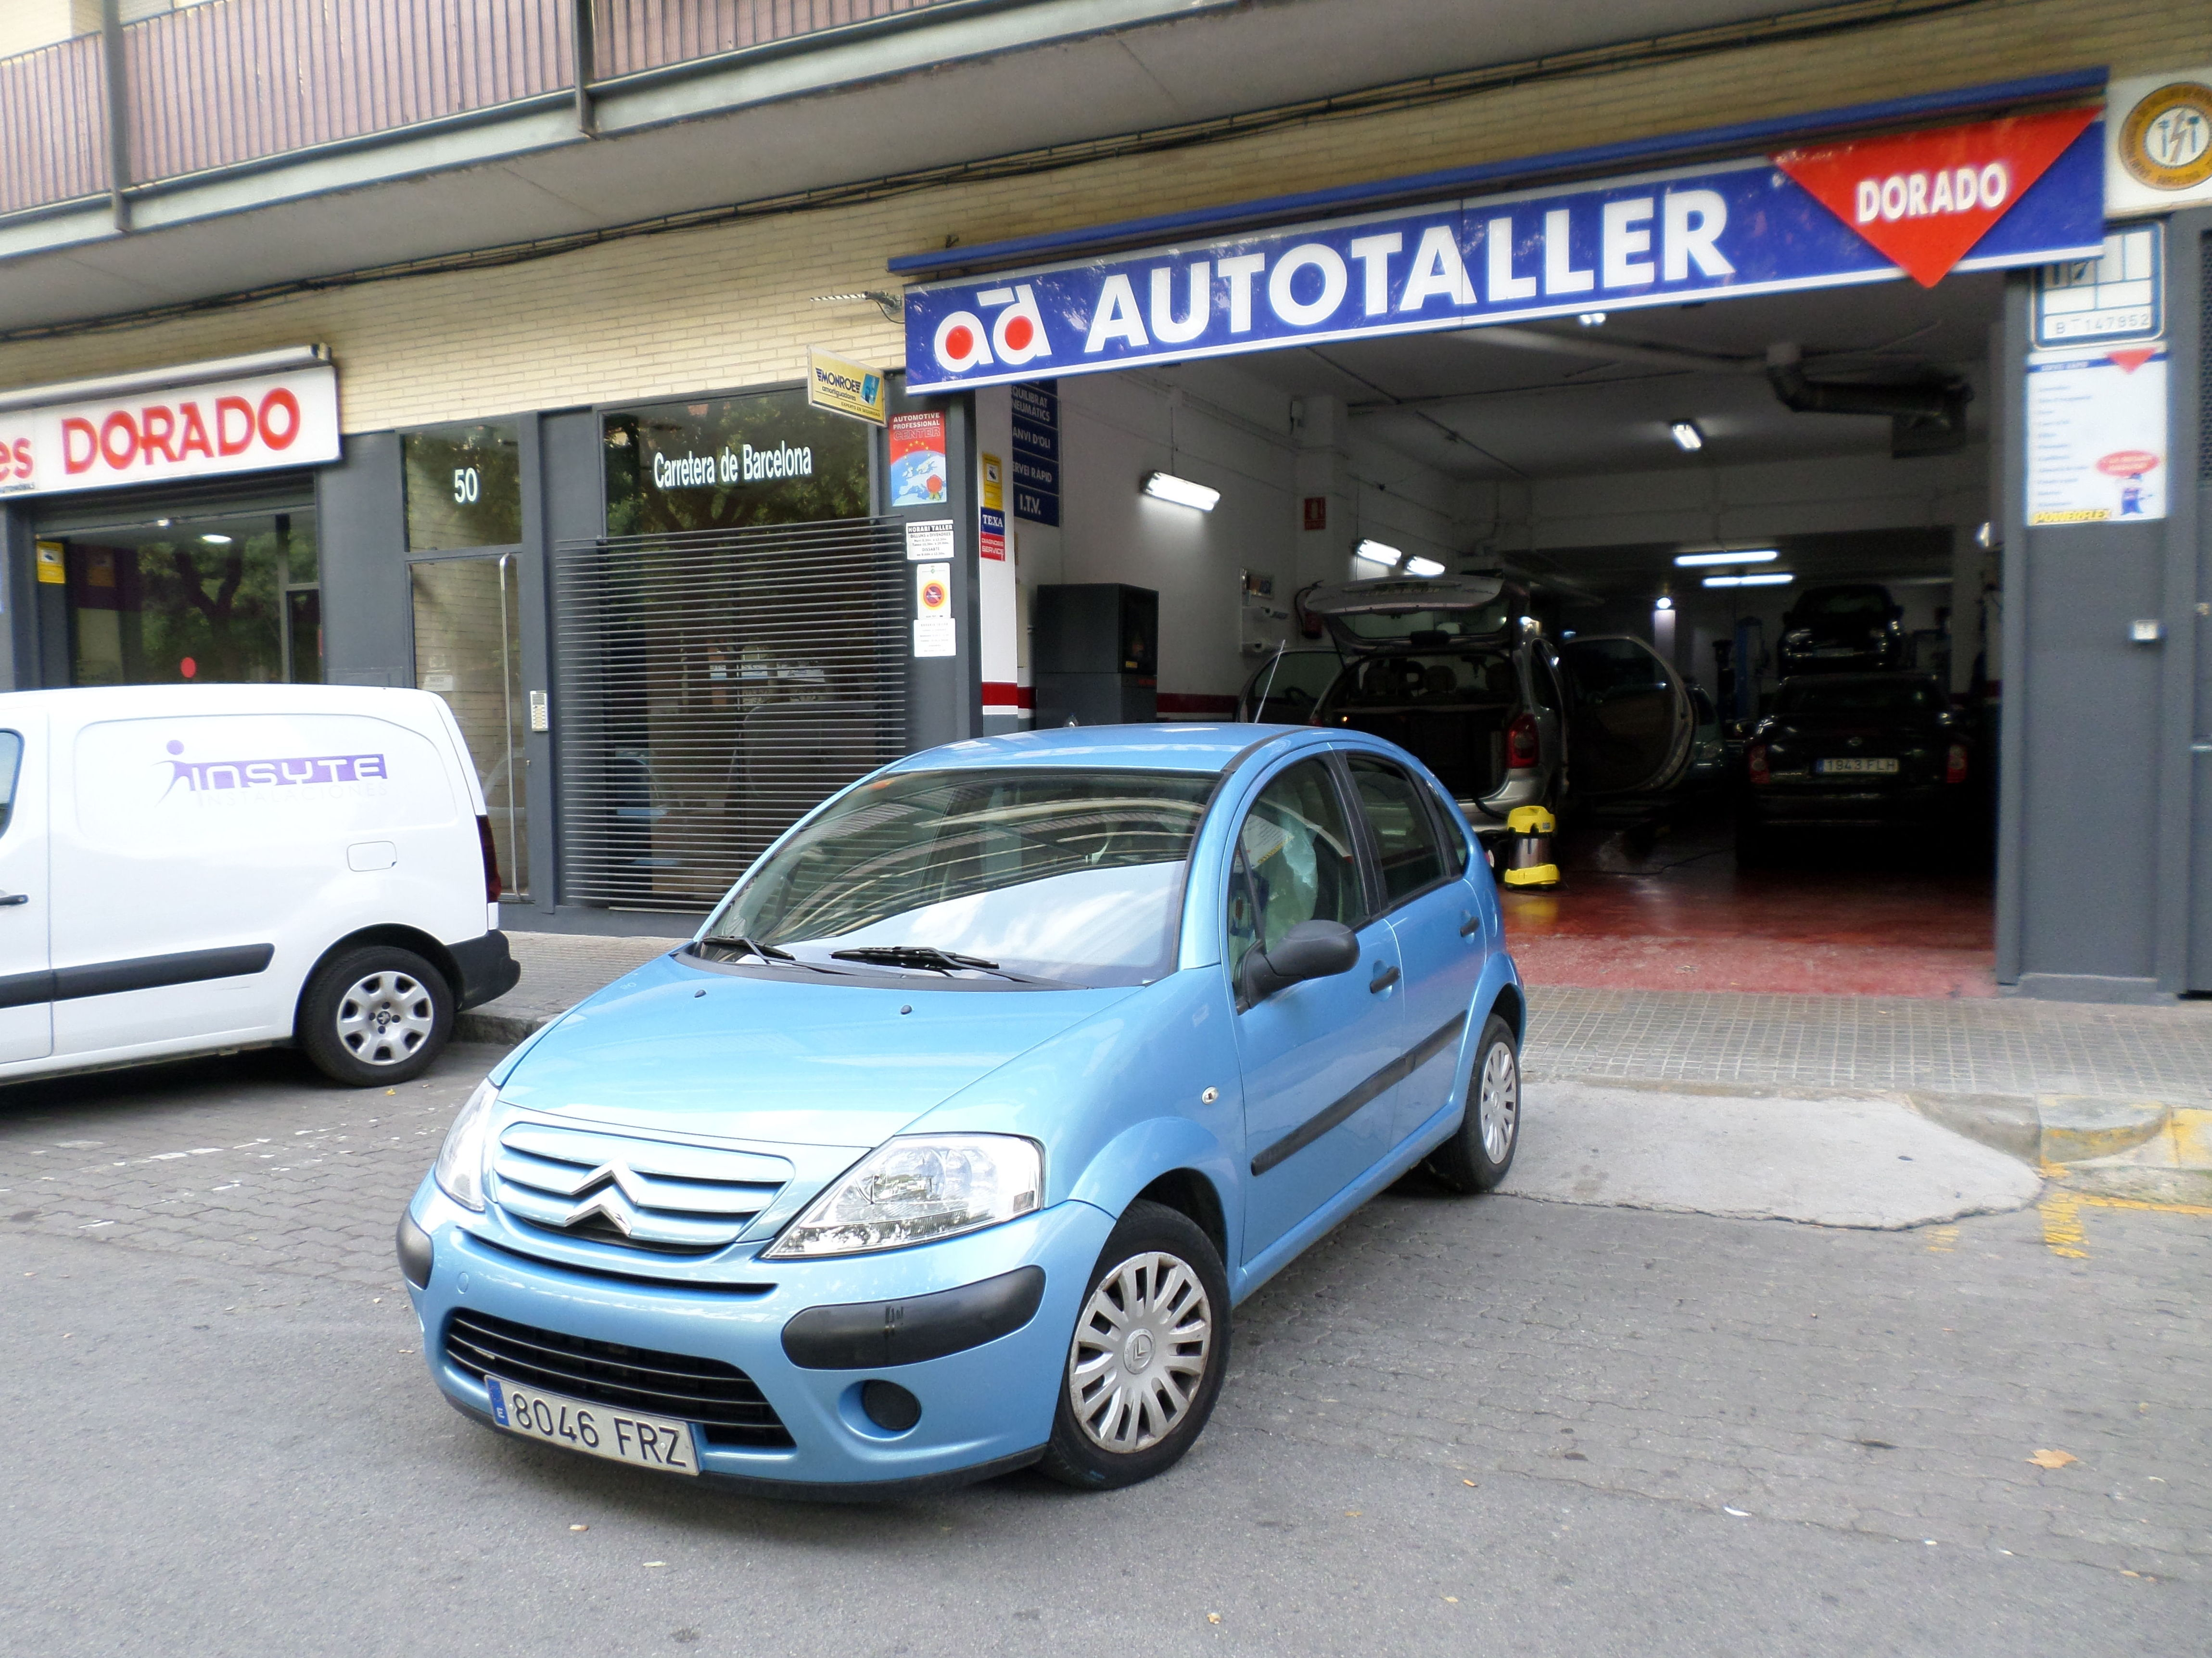 Citroen C3 año 2007 1.1 i. 118000 kms. 3300 €uros: Servicios de reparación  de Automóviles y Talleres Dorado